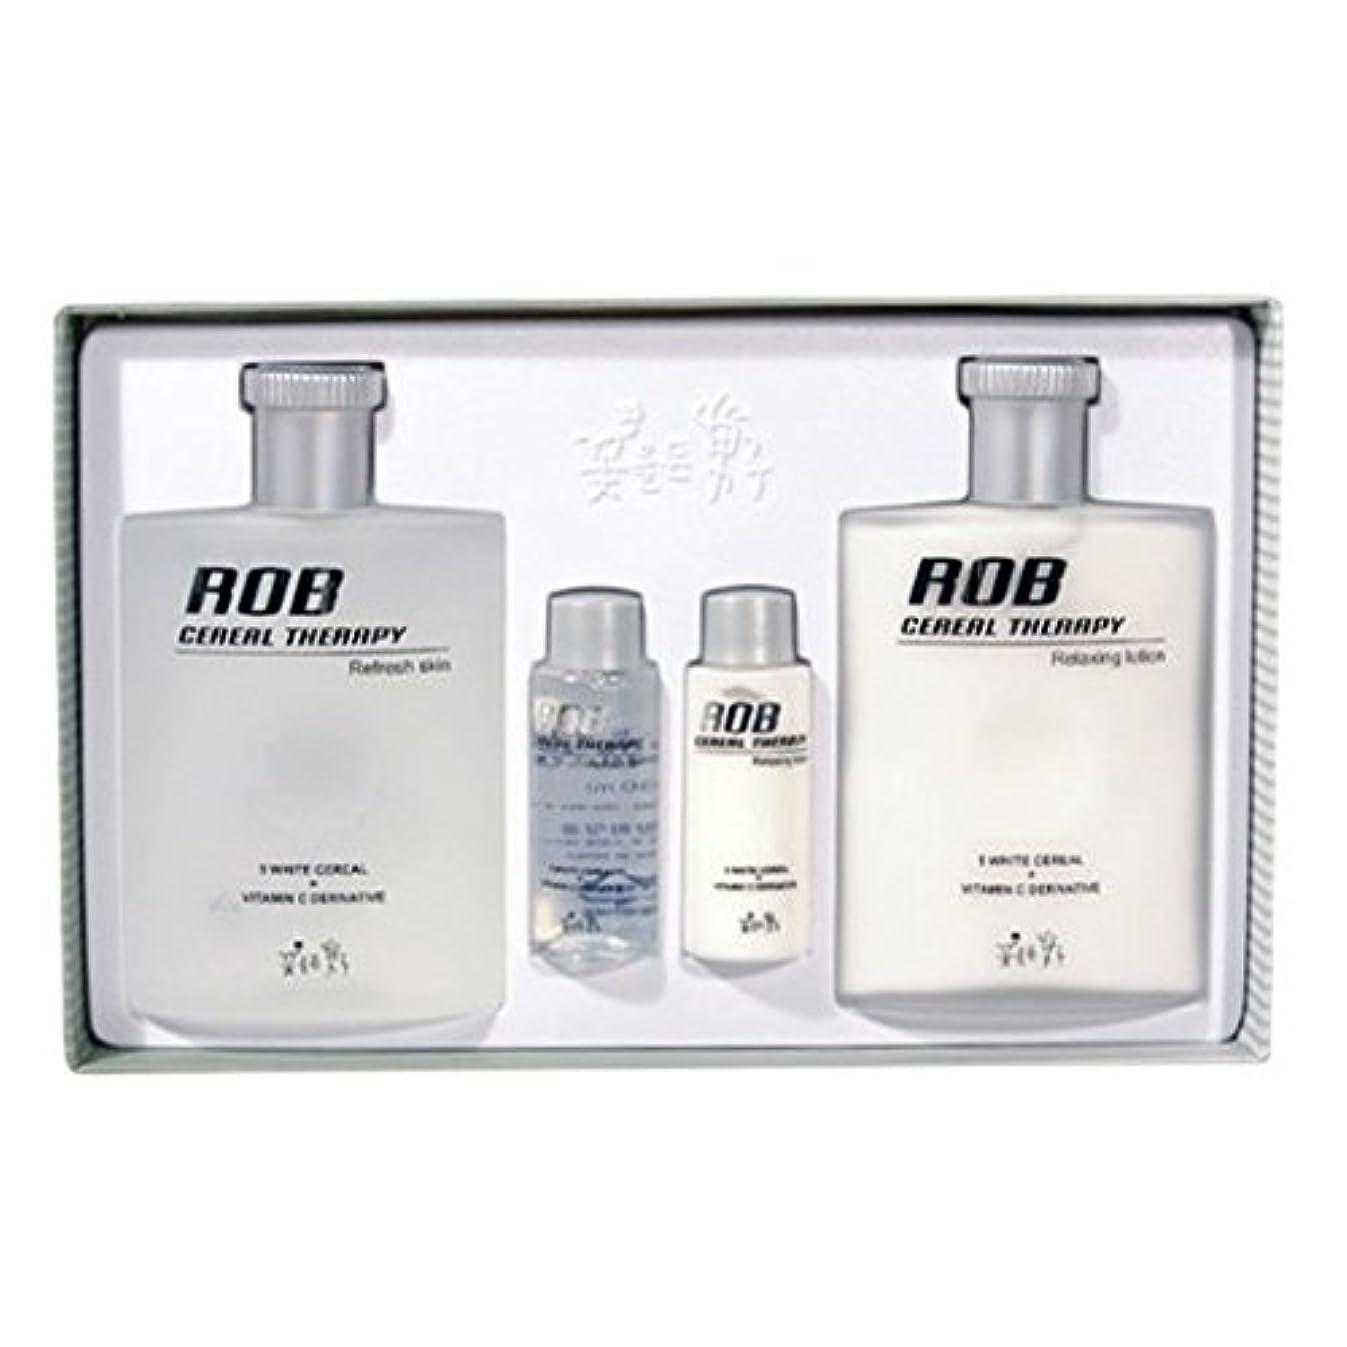 泥終わりボルトロブ?シリアルセラピースキン(160+30ml)ローション(160+30ml)、男性用化粧品、ROB Cereal Therapy Skin(160+30ml) Lotion(160+30ml) Men's Cosmetics...